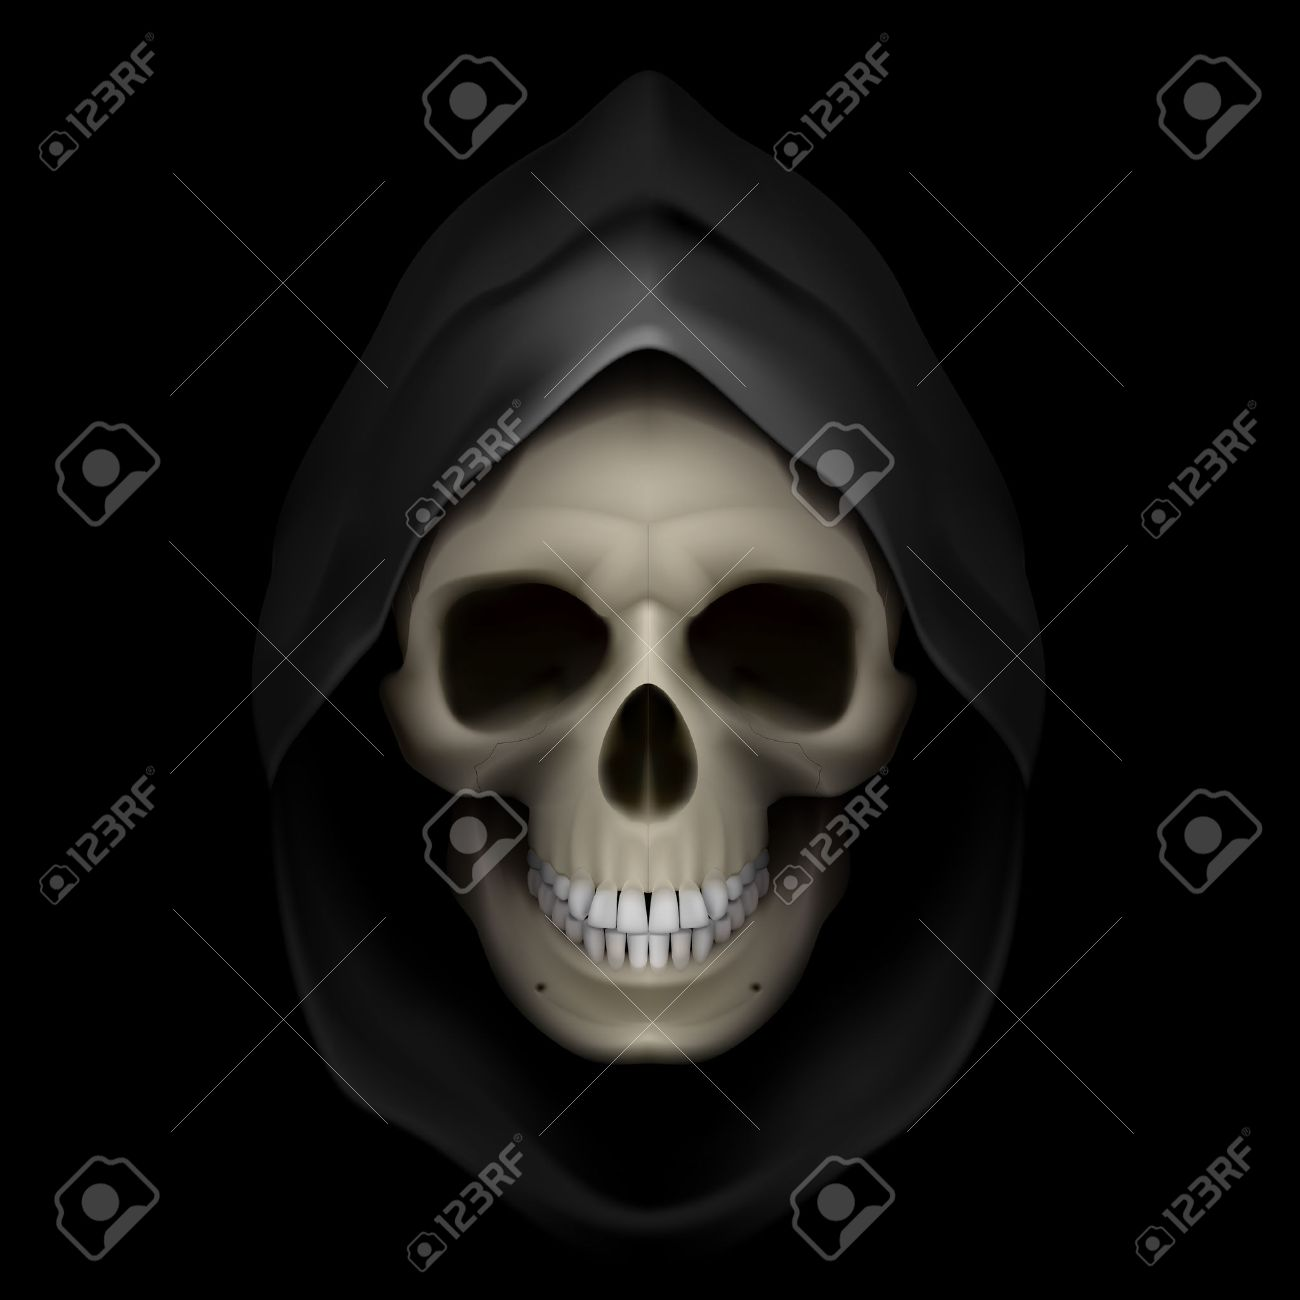 Skull in black hood as image of death. Grim Reaper. Stock Vector - 24012094